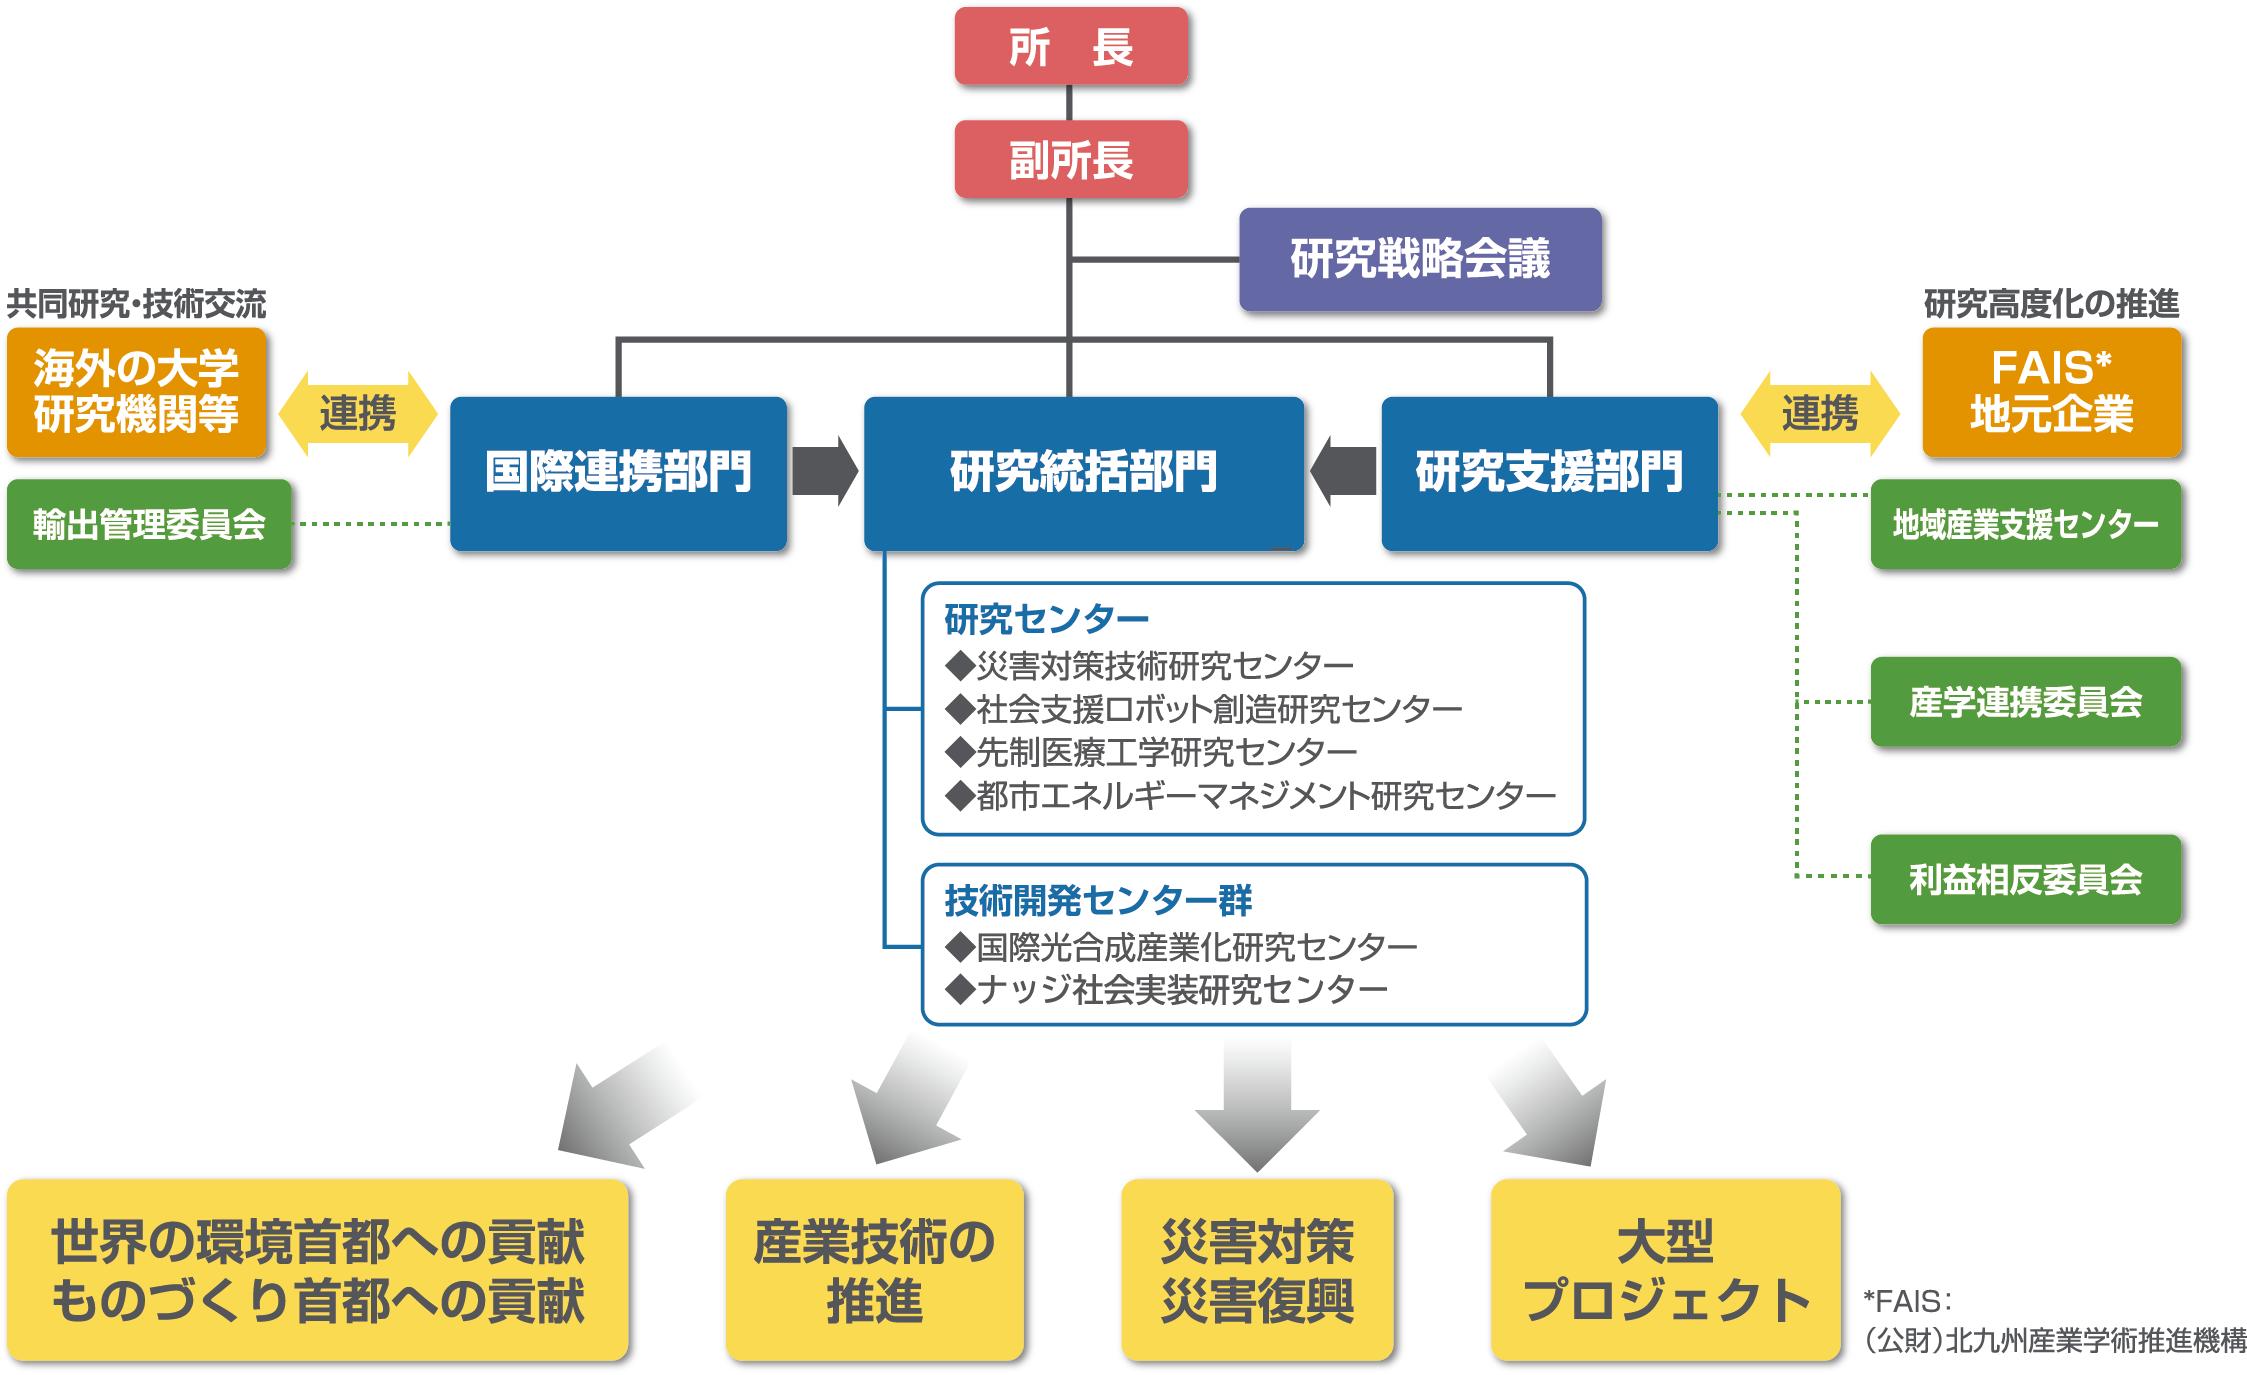 環境技術研究所 機関図_20190401.png